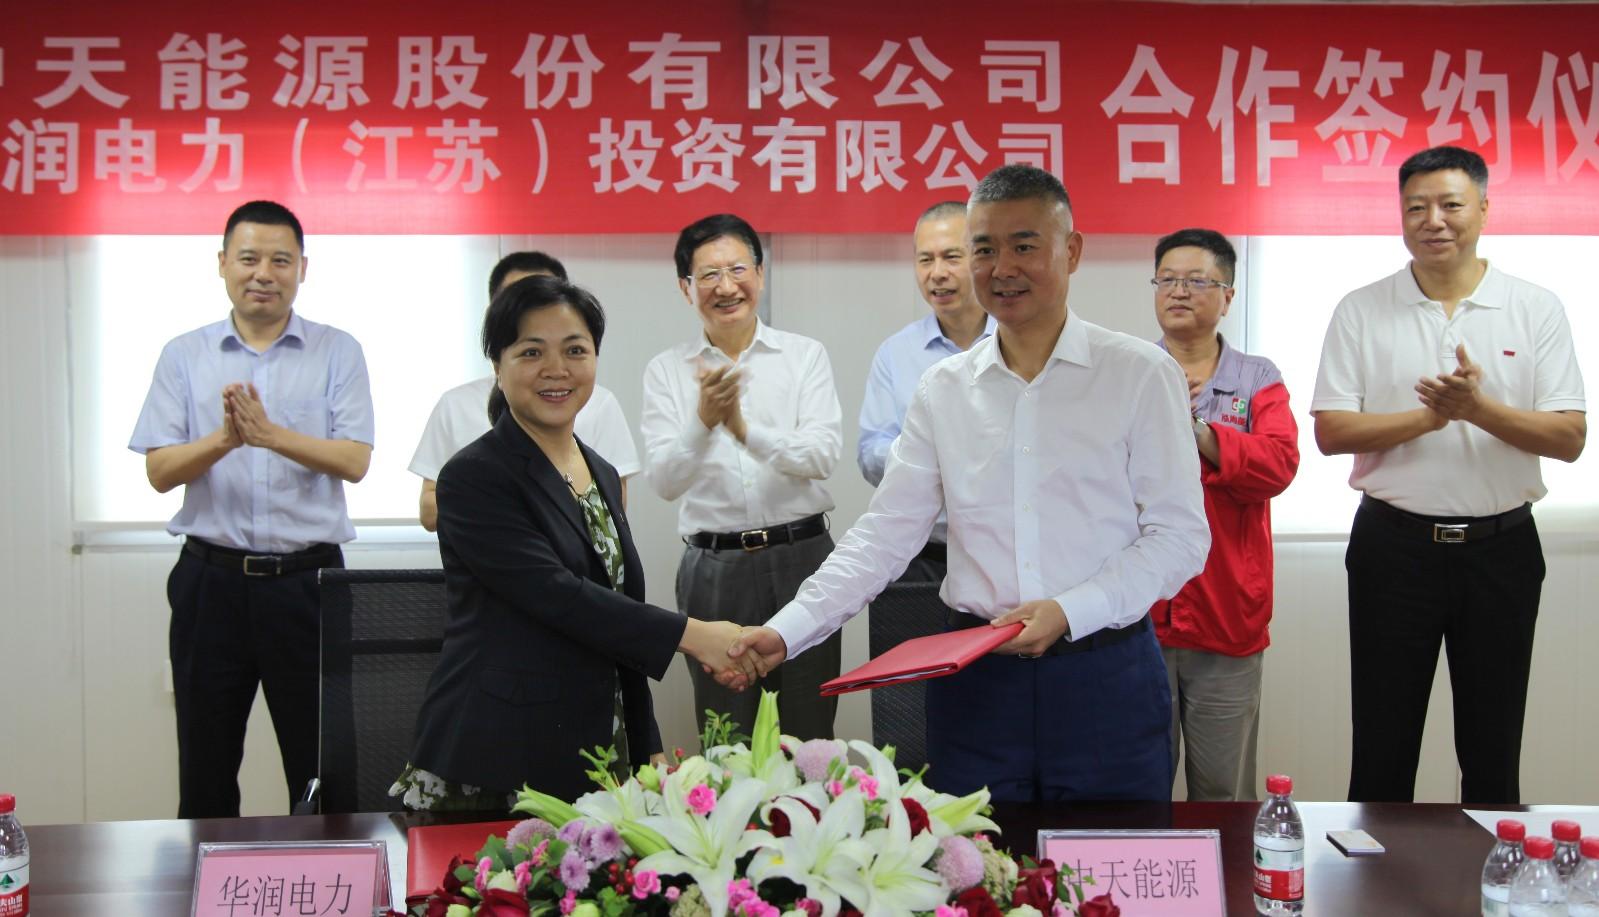 中天凤凰彩票下载app下载与华润电力(江苏)签订《液化天然气LNG供应战略合作协议》